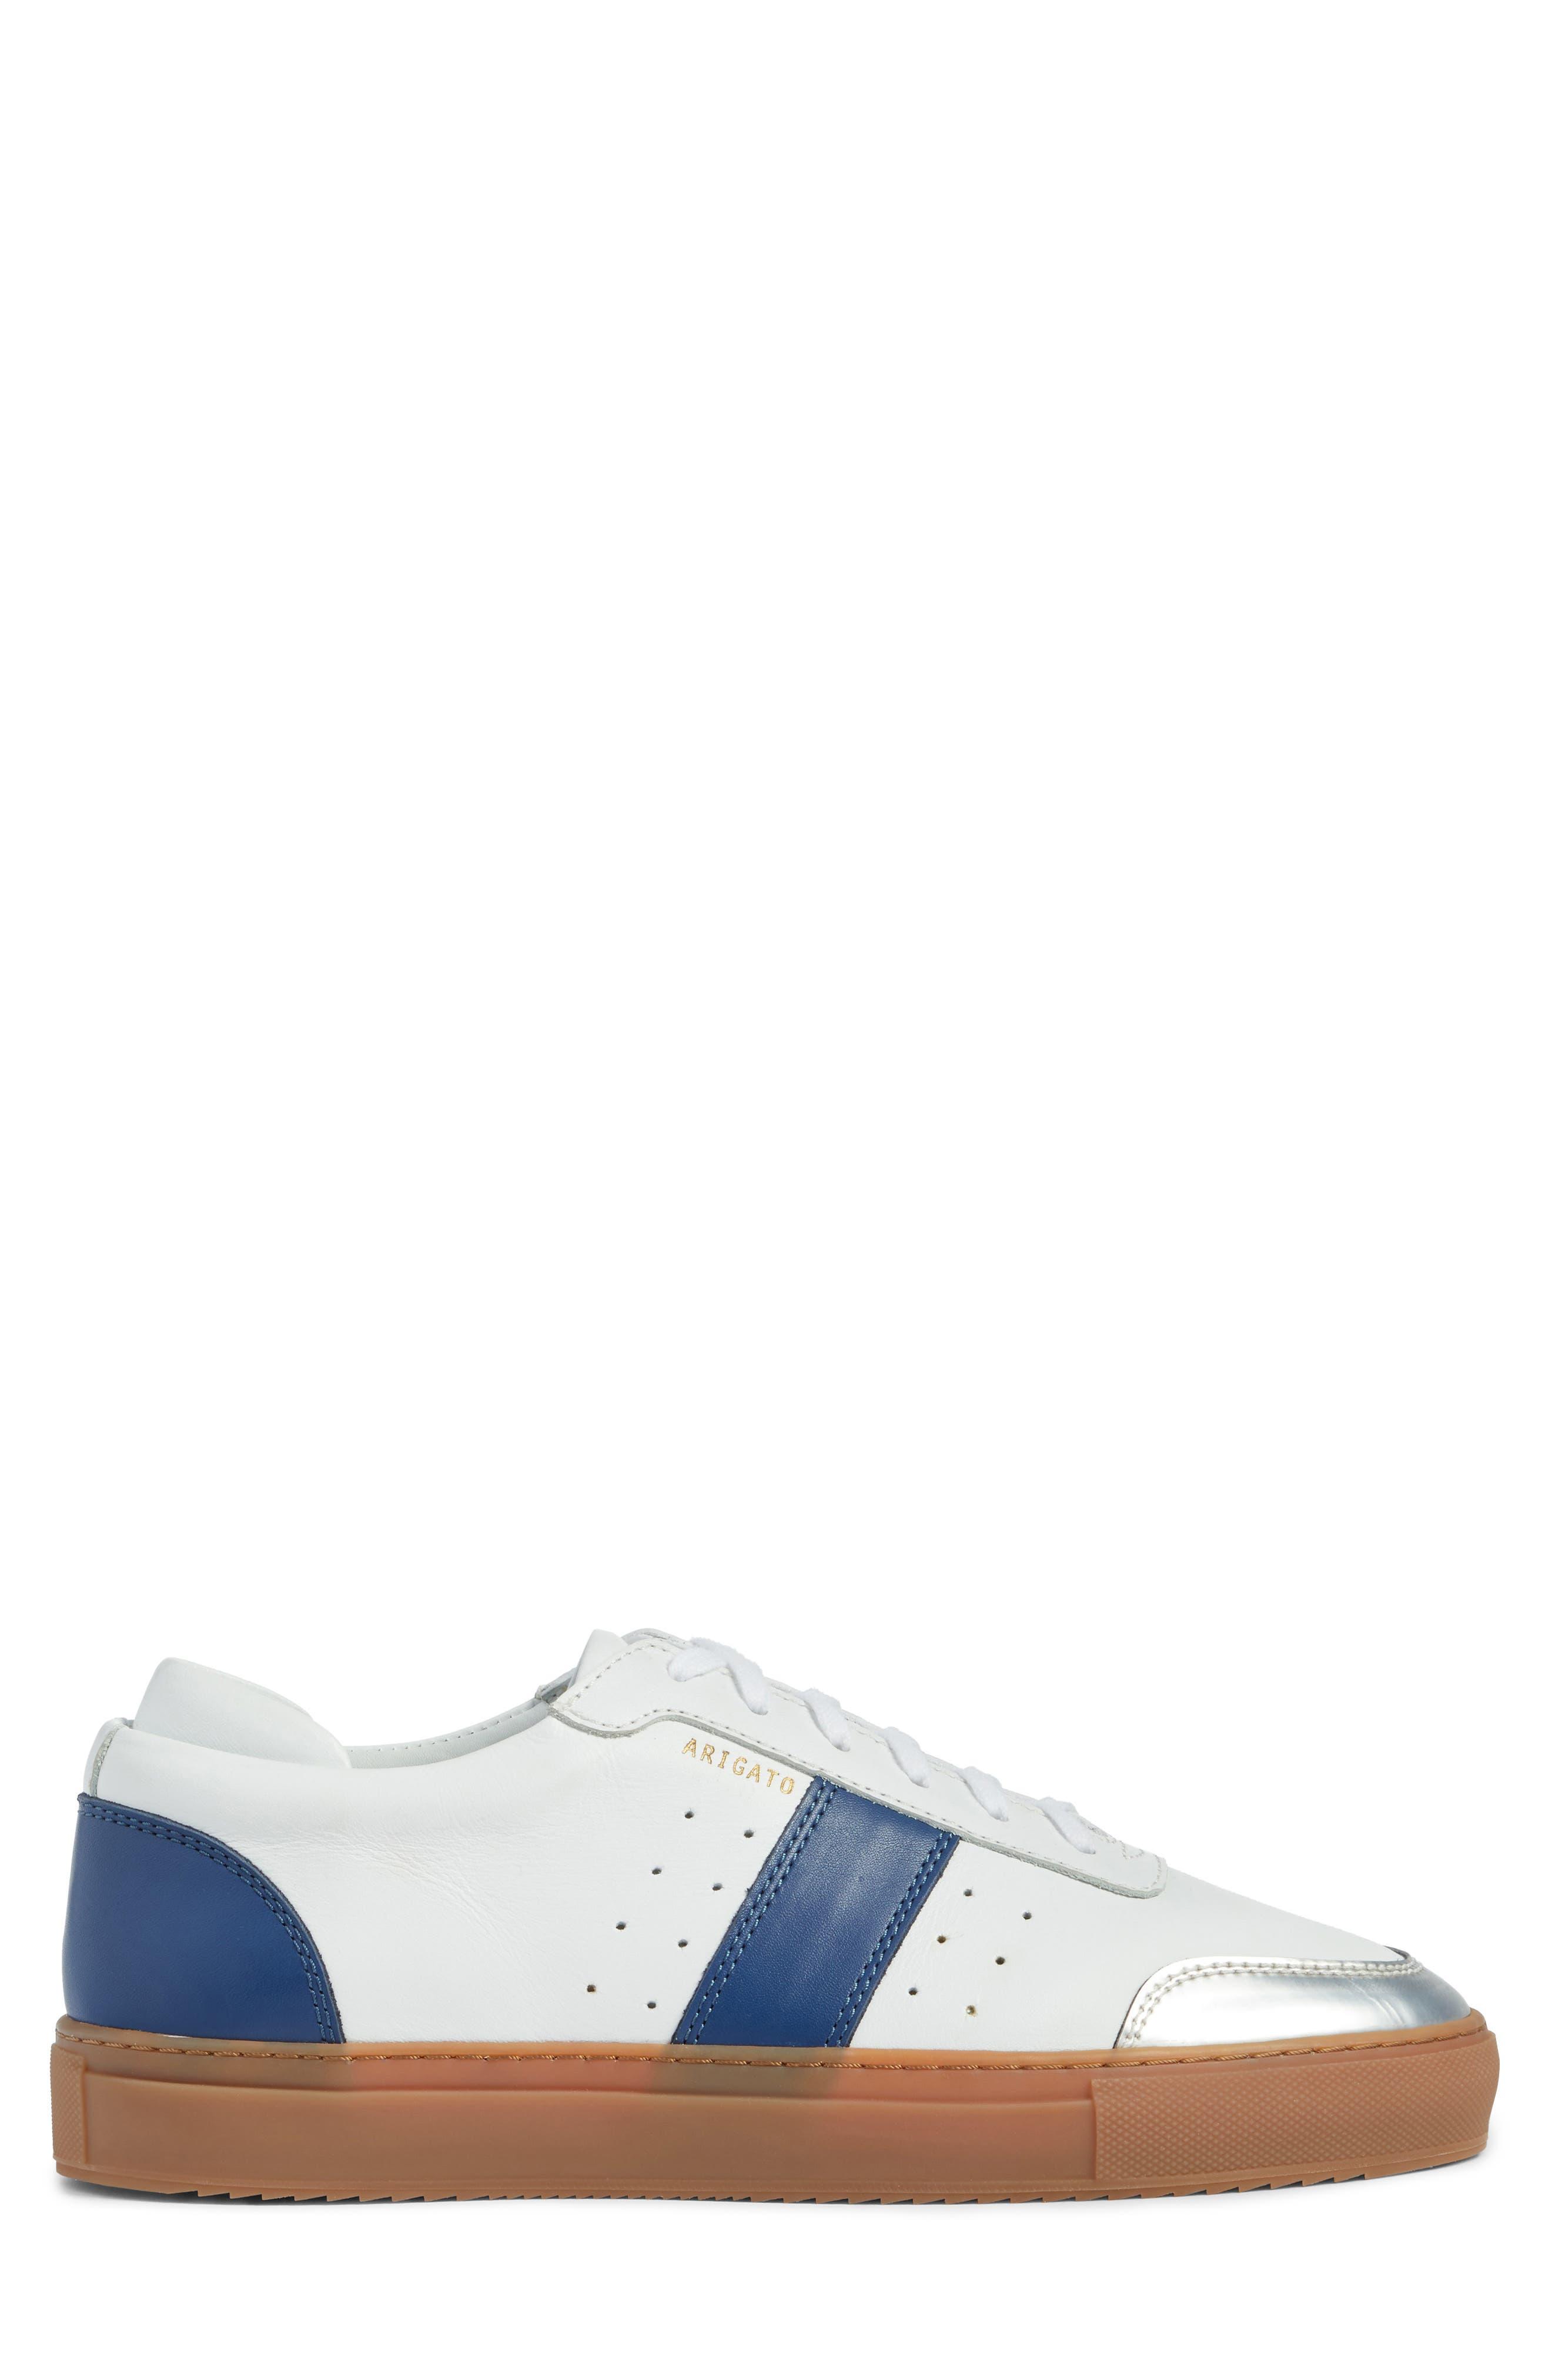 Dunk Sneaker,                             Alternate thumbnail 3, color,                             White/ Navy